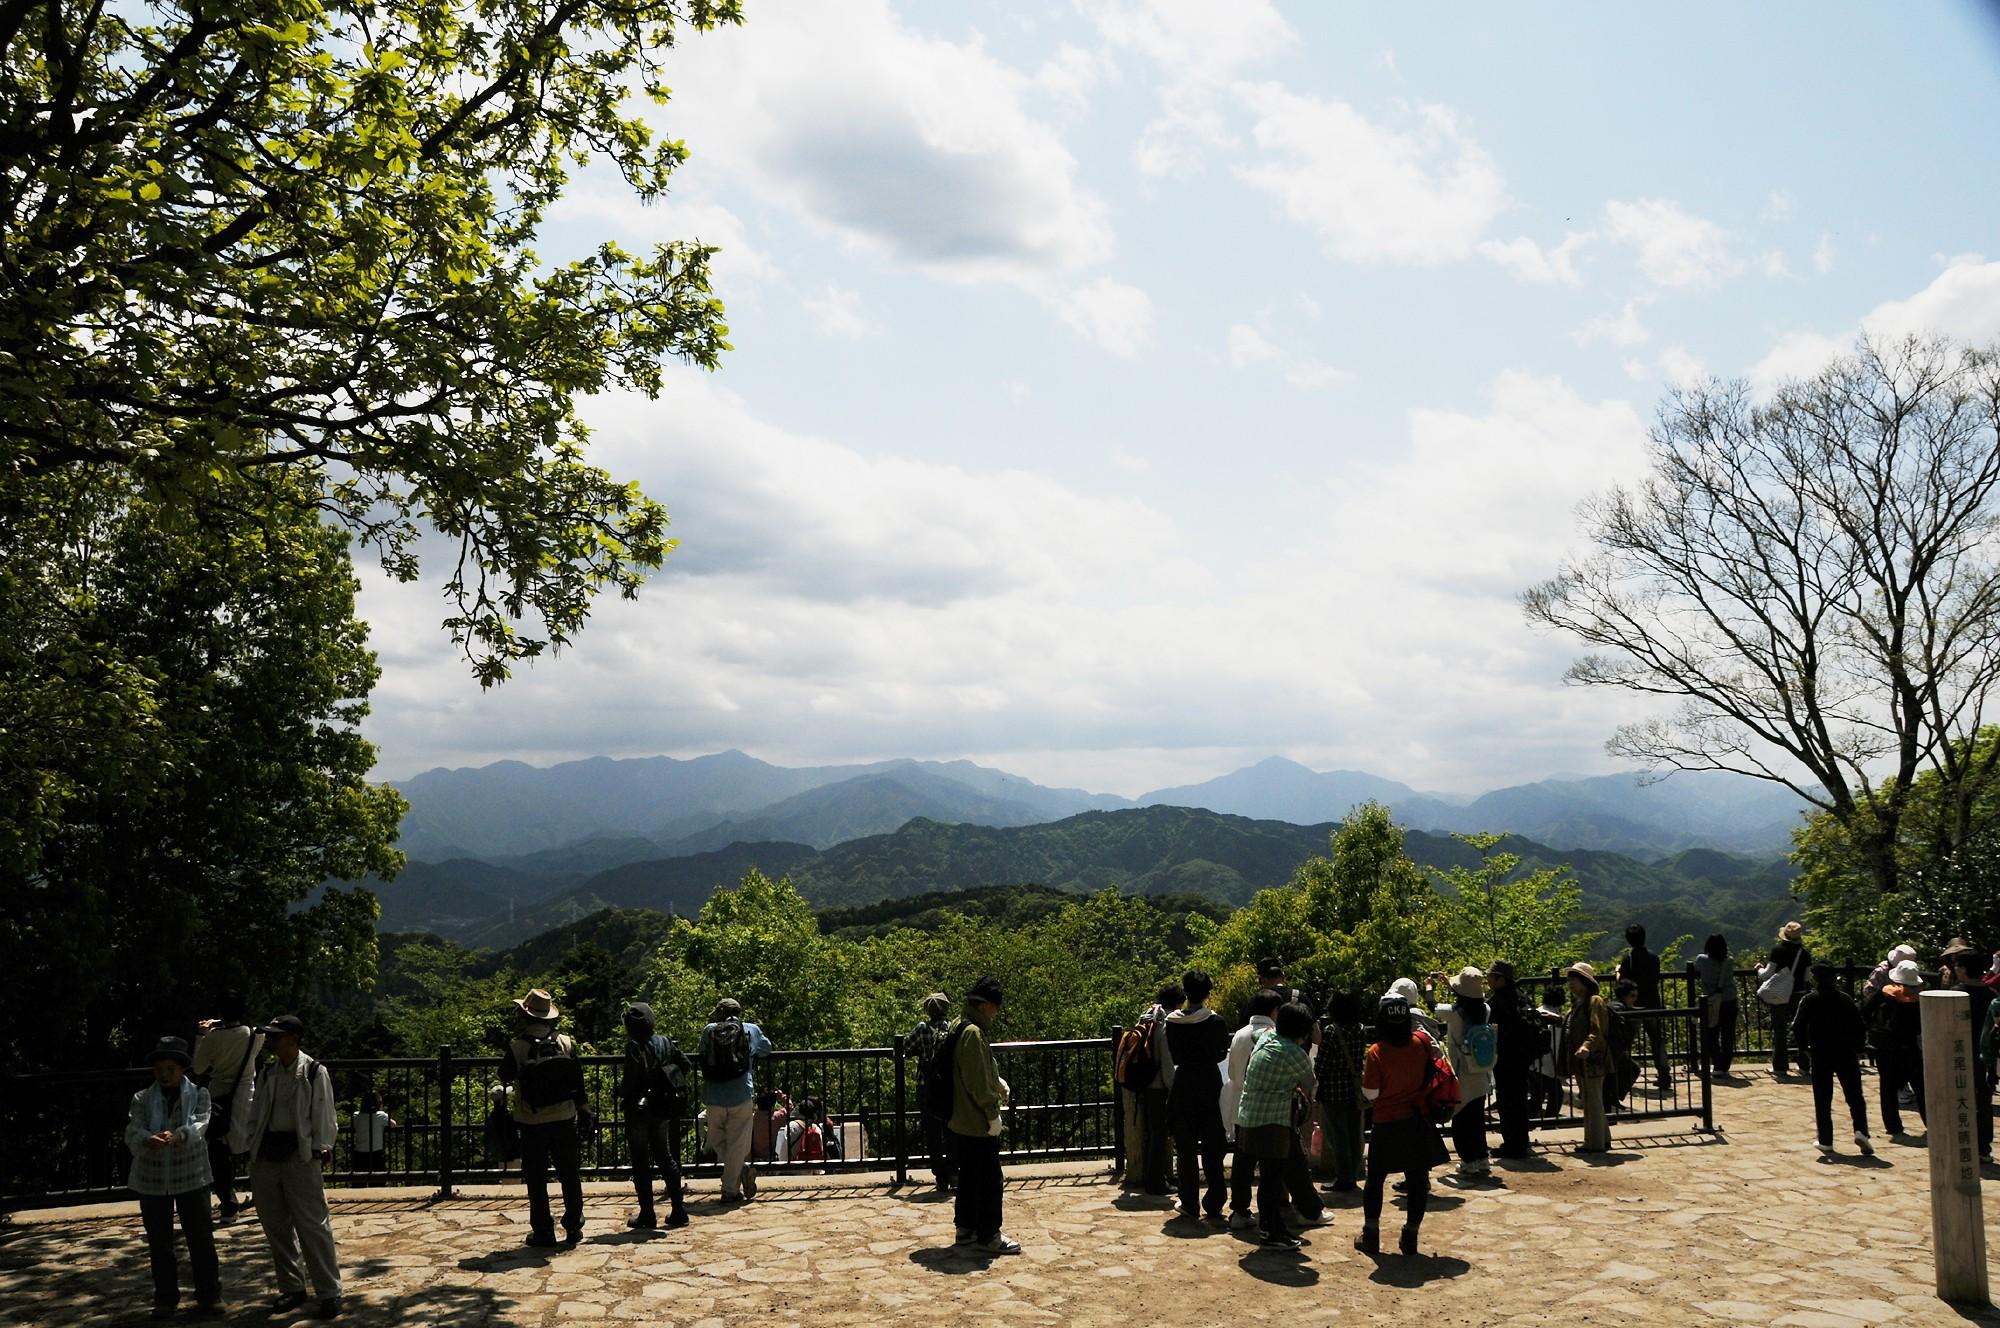 合格祈願で高尾山を参拝登山